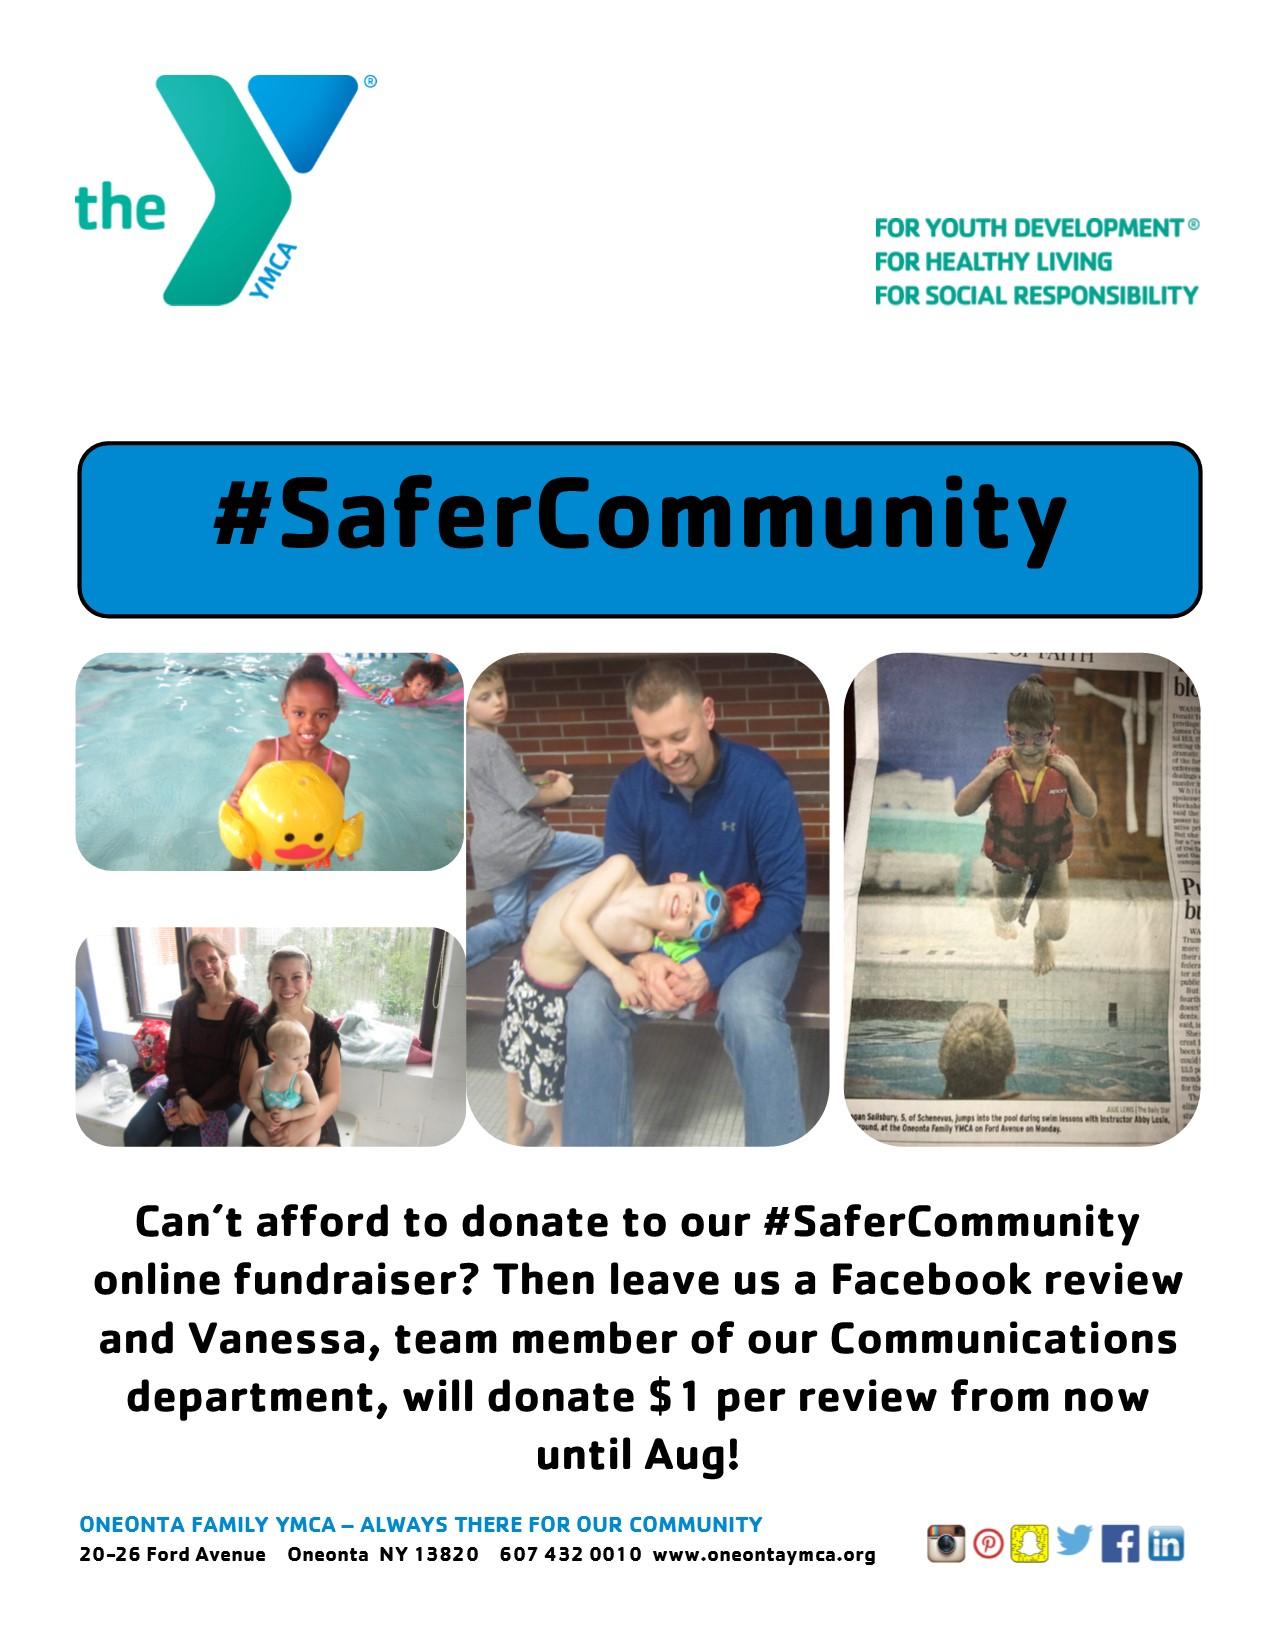 #SaferCommunity